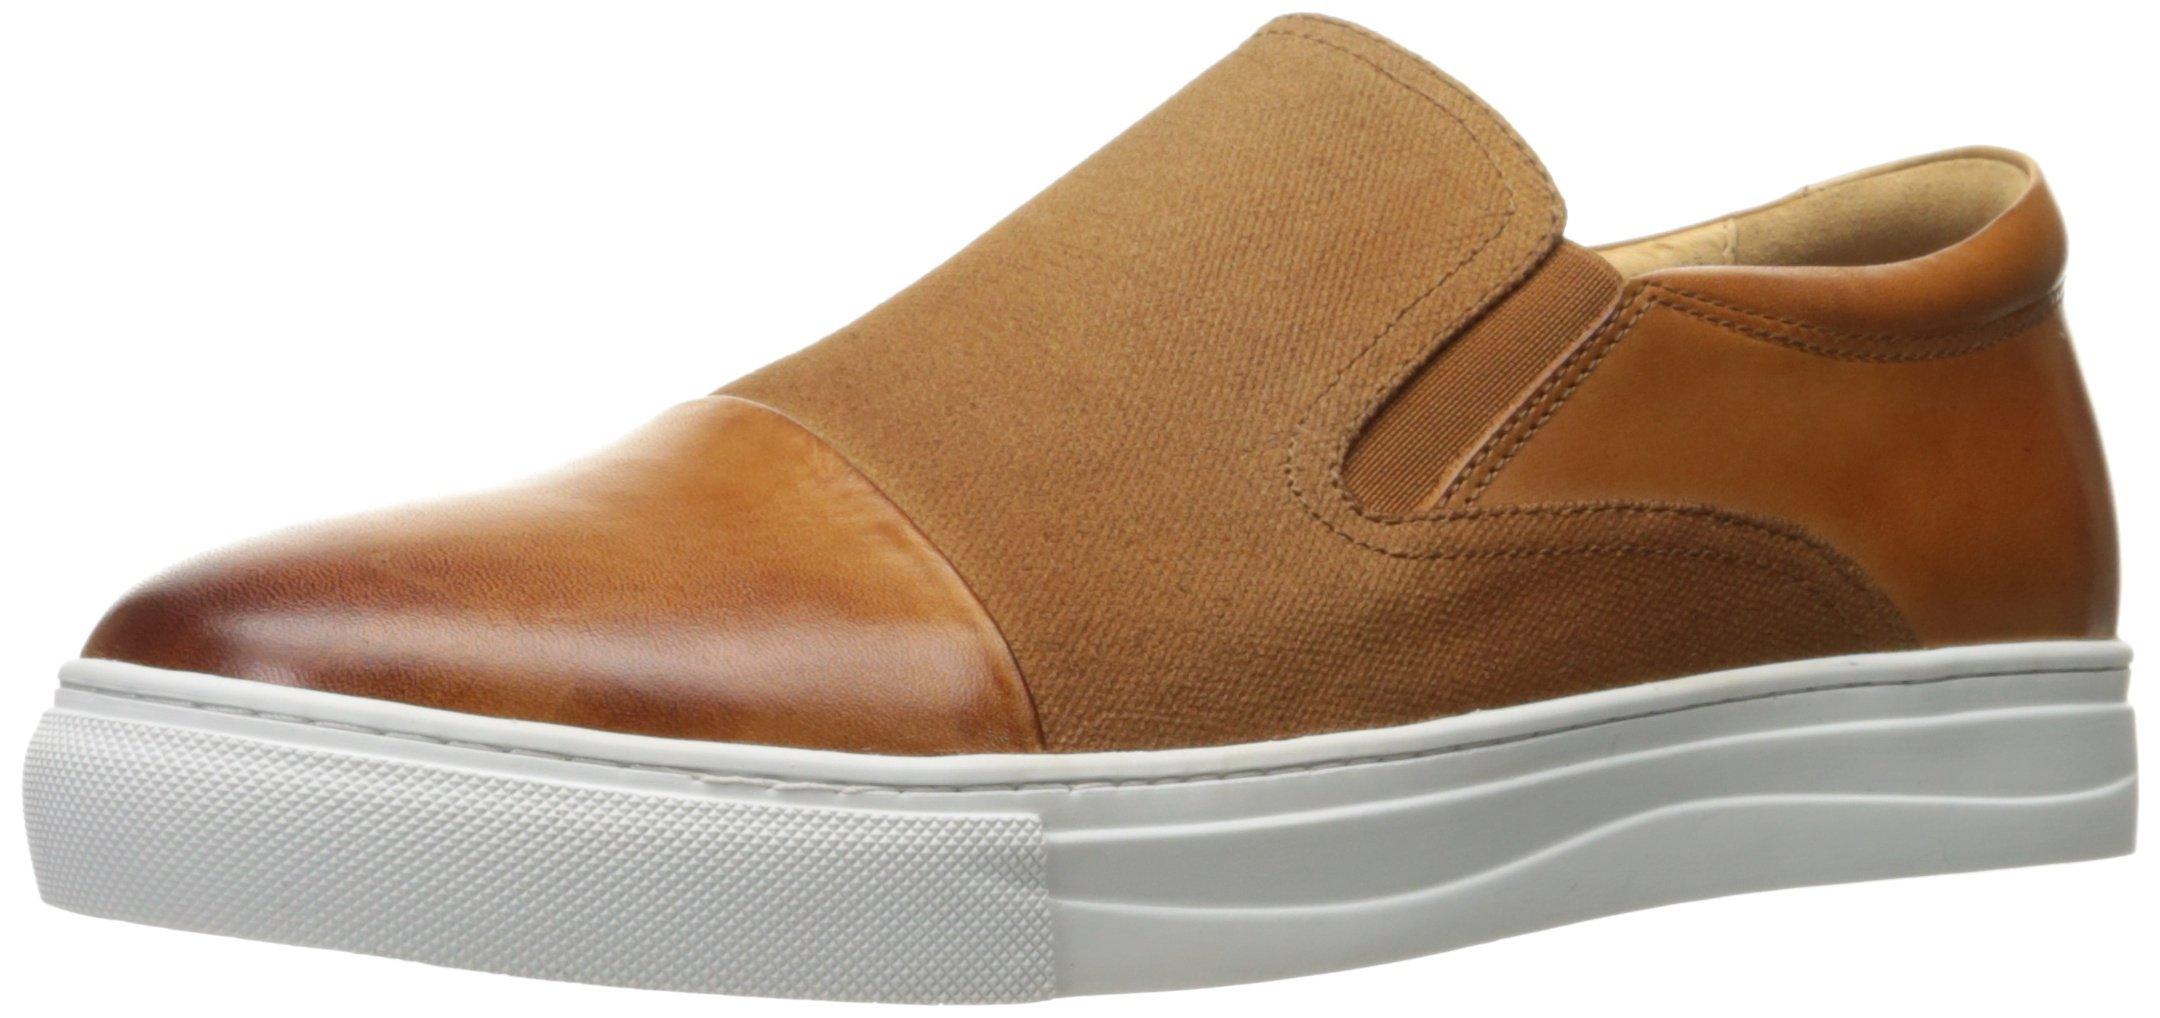 English Laundry Men's Gants Slip-on Loafer, Cognac, 10.5 M US